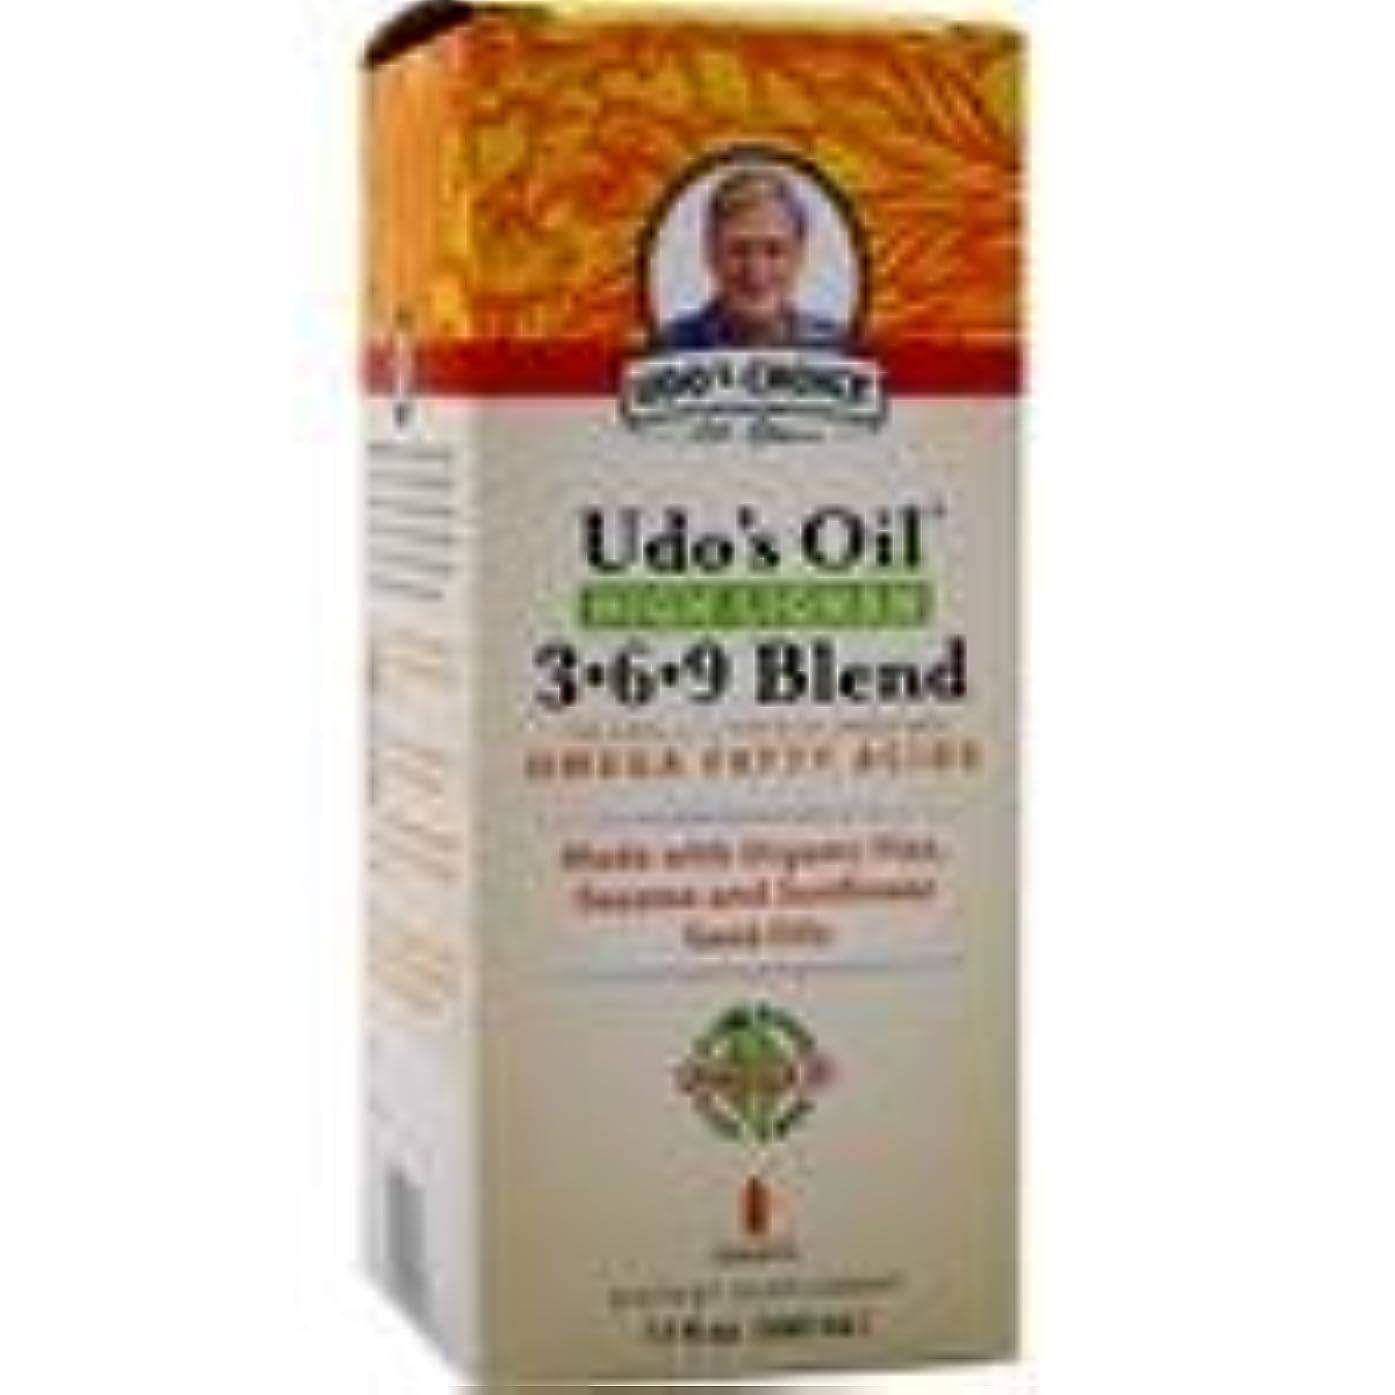 邪魔シュートミニチュアUdo's Oil High Lignan 3-6-9 Blend 17 fl.oz 2個パック